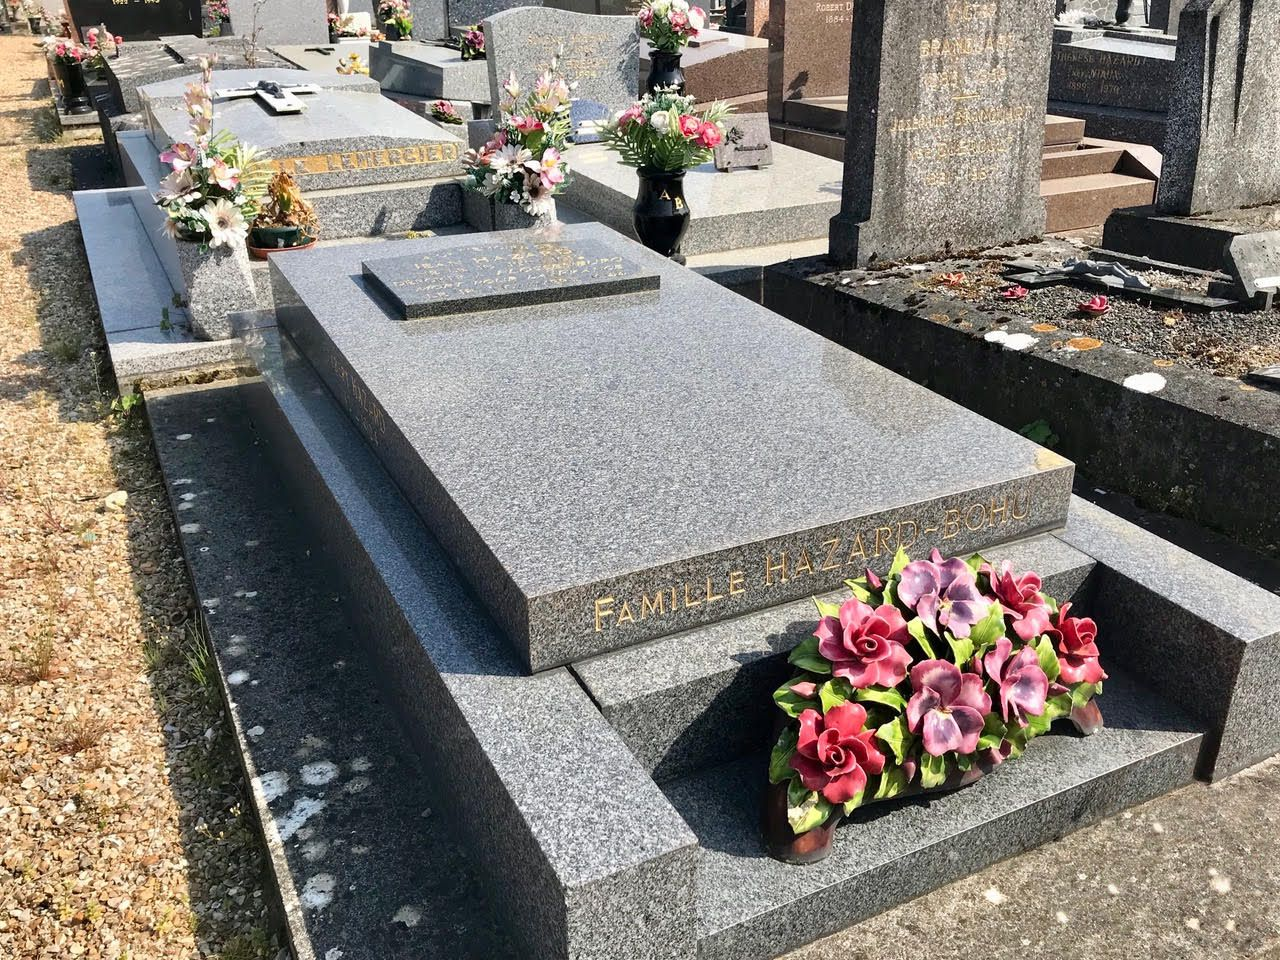 Autres vues sur le monument funéraire de la famille Hazard-Bohu (clichés Frédéric Ménissier, mai 2020).